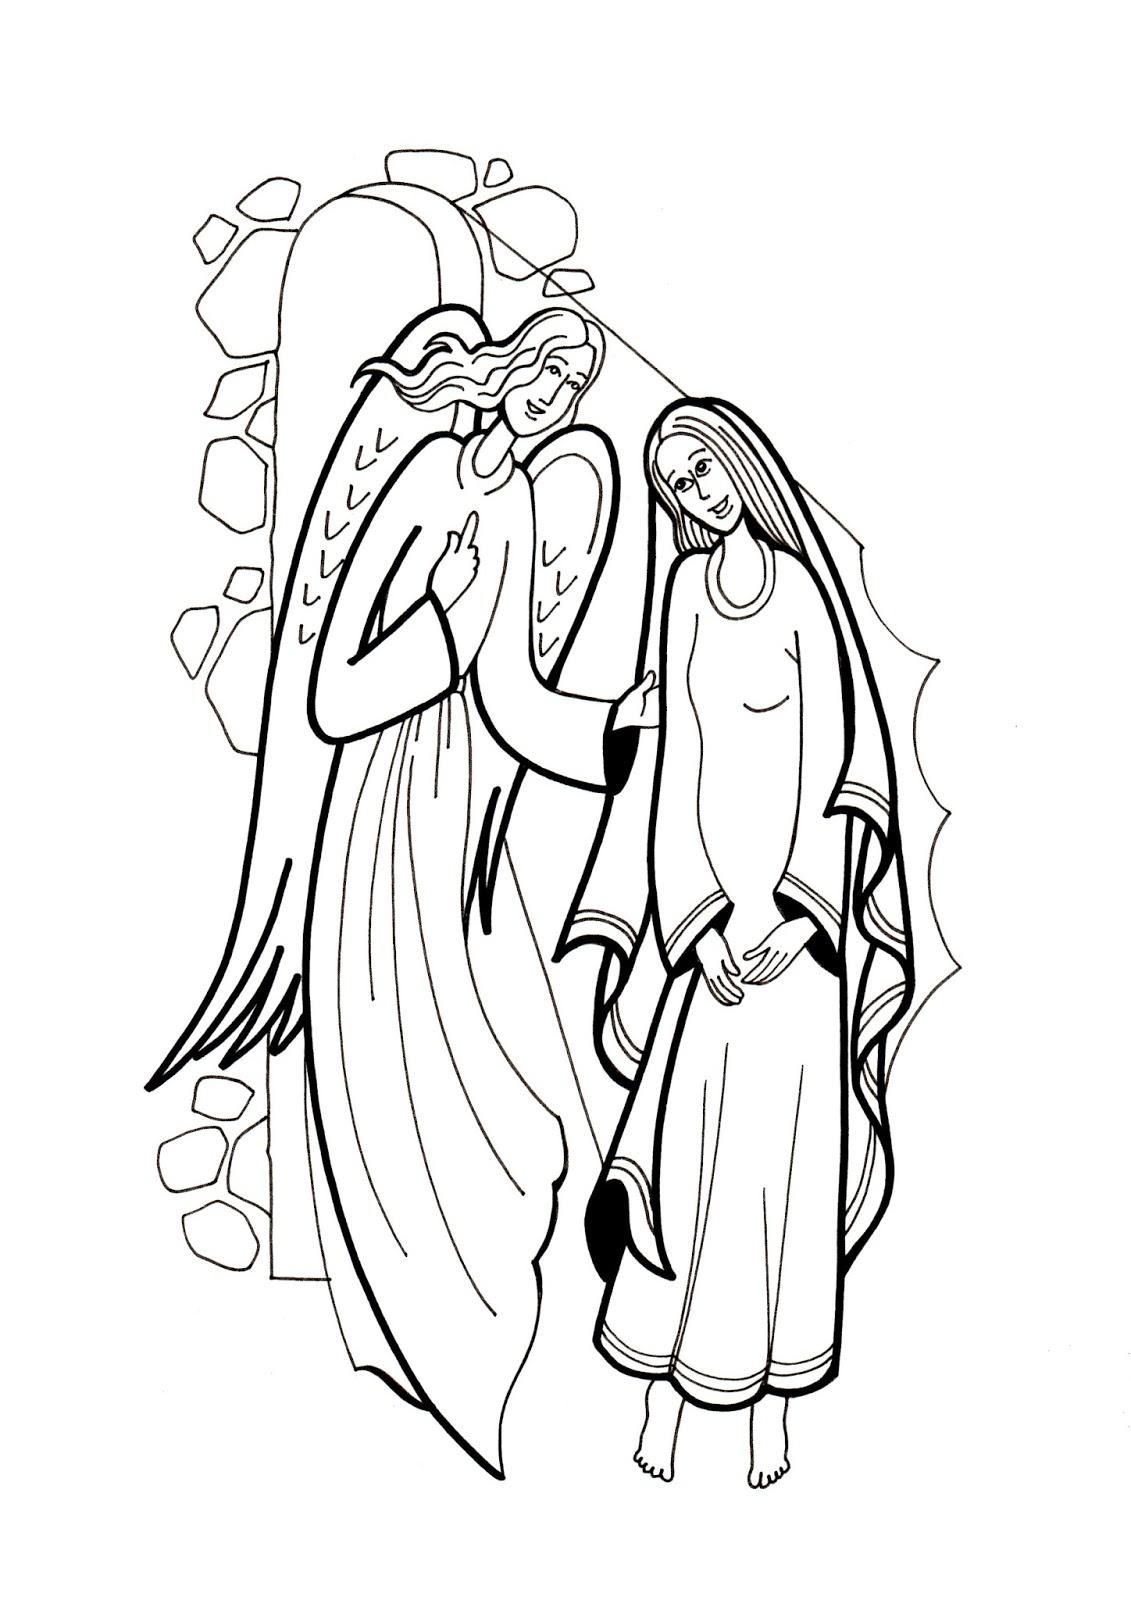 El Rincón de las Melli: DIBUJO: La Anunciación a María